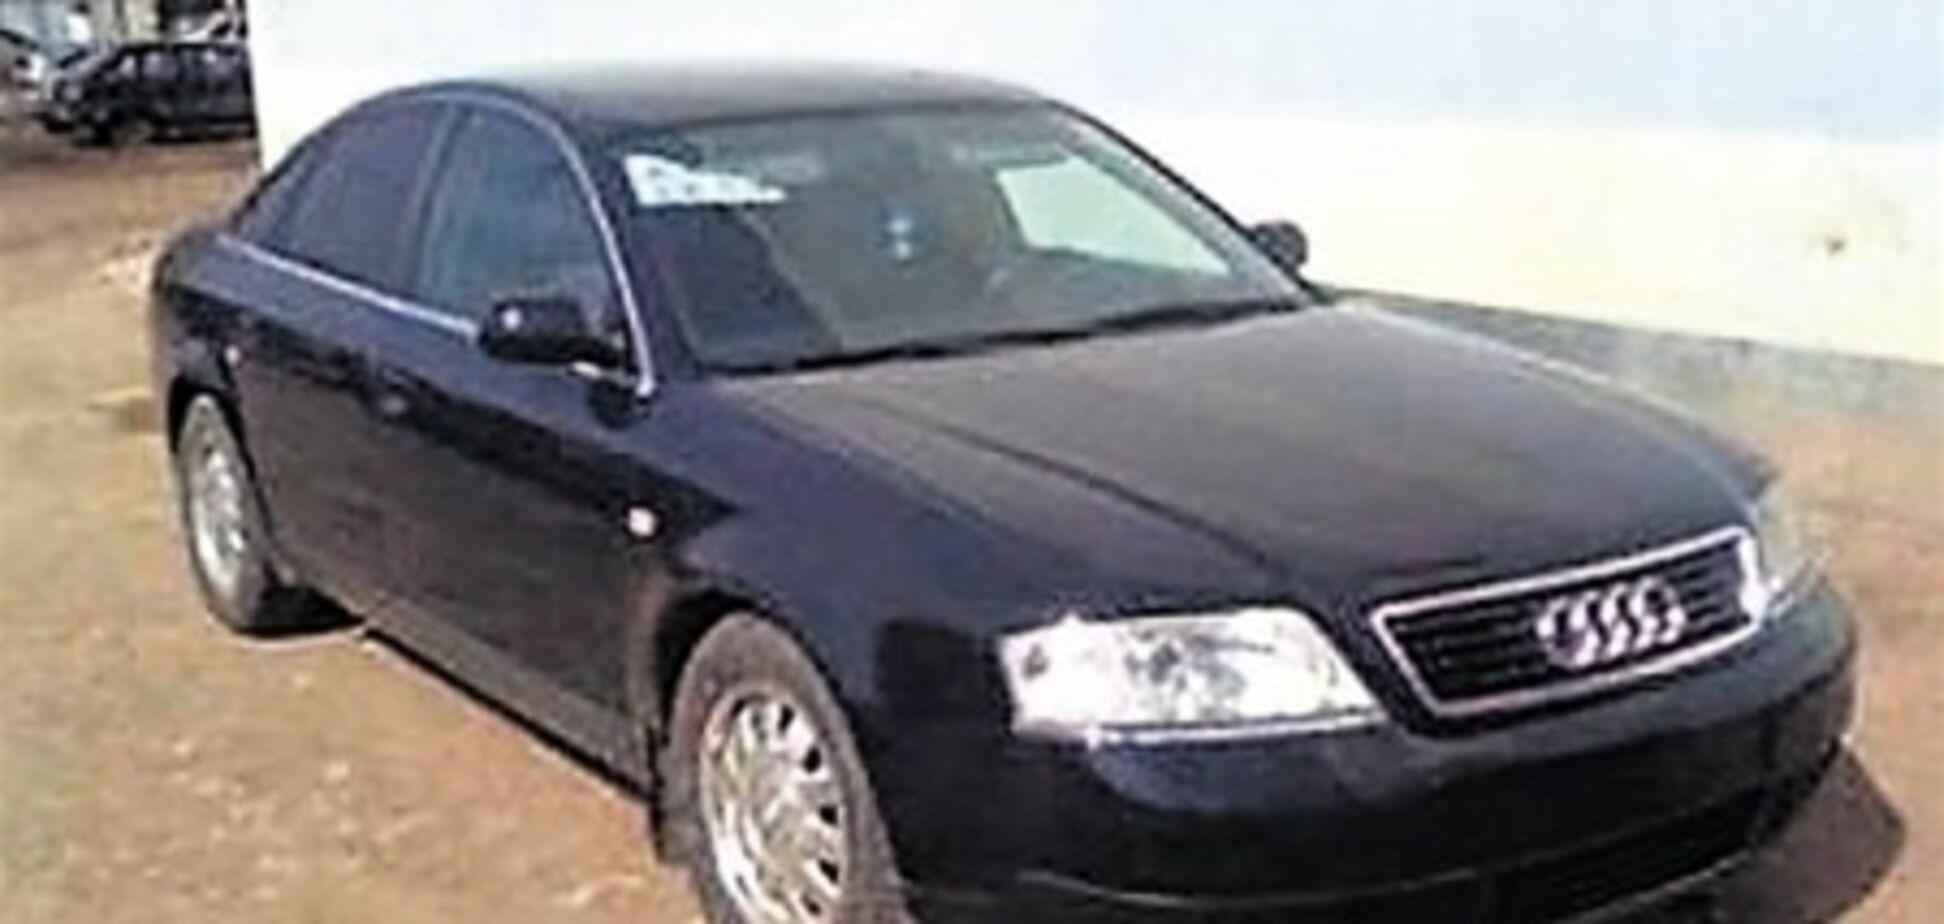 Найдена машина пропавшего депутата-регионала